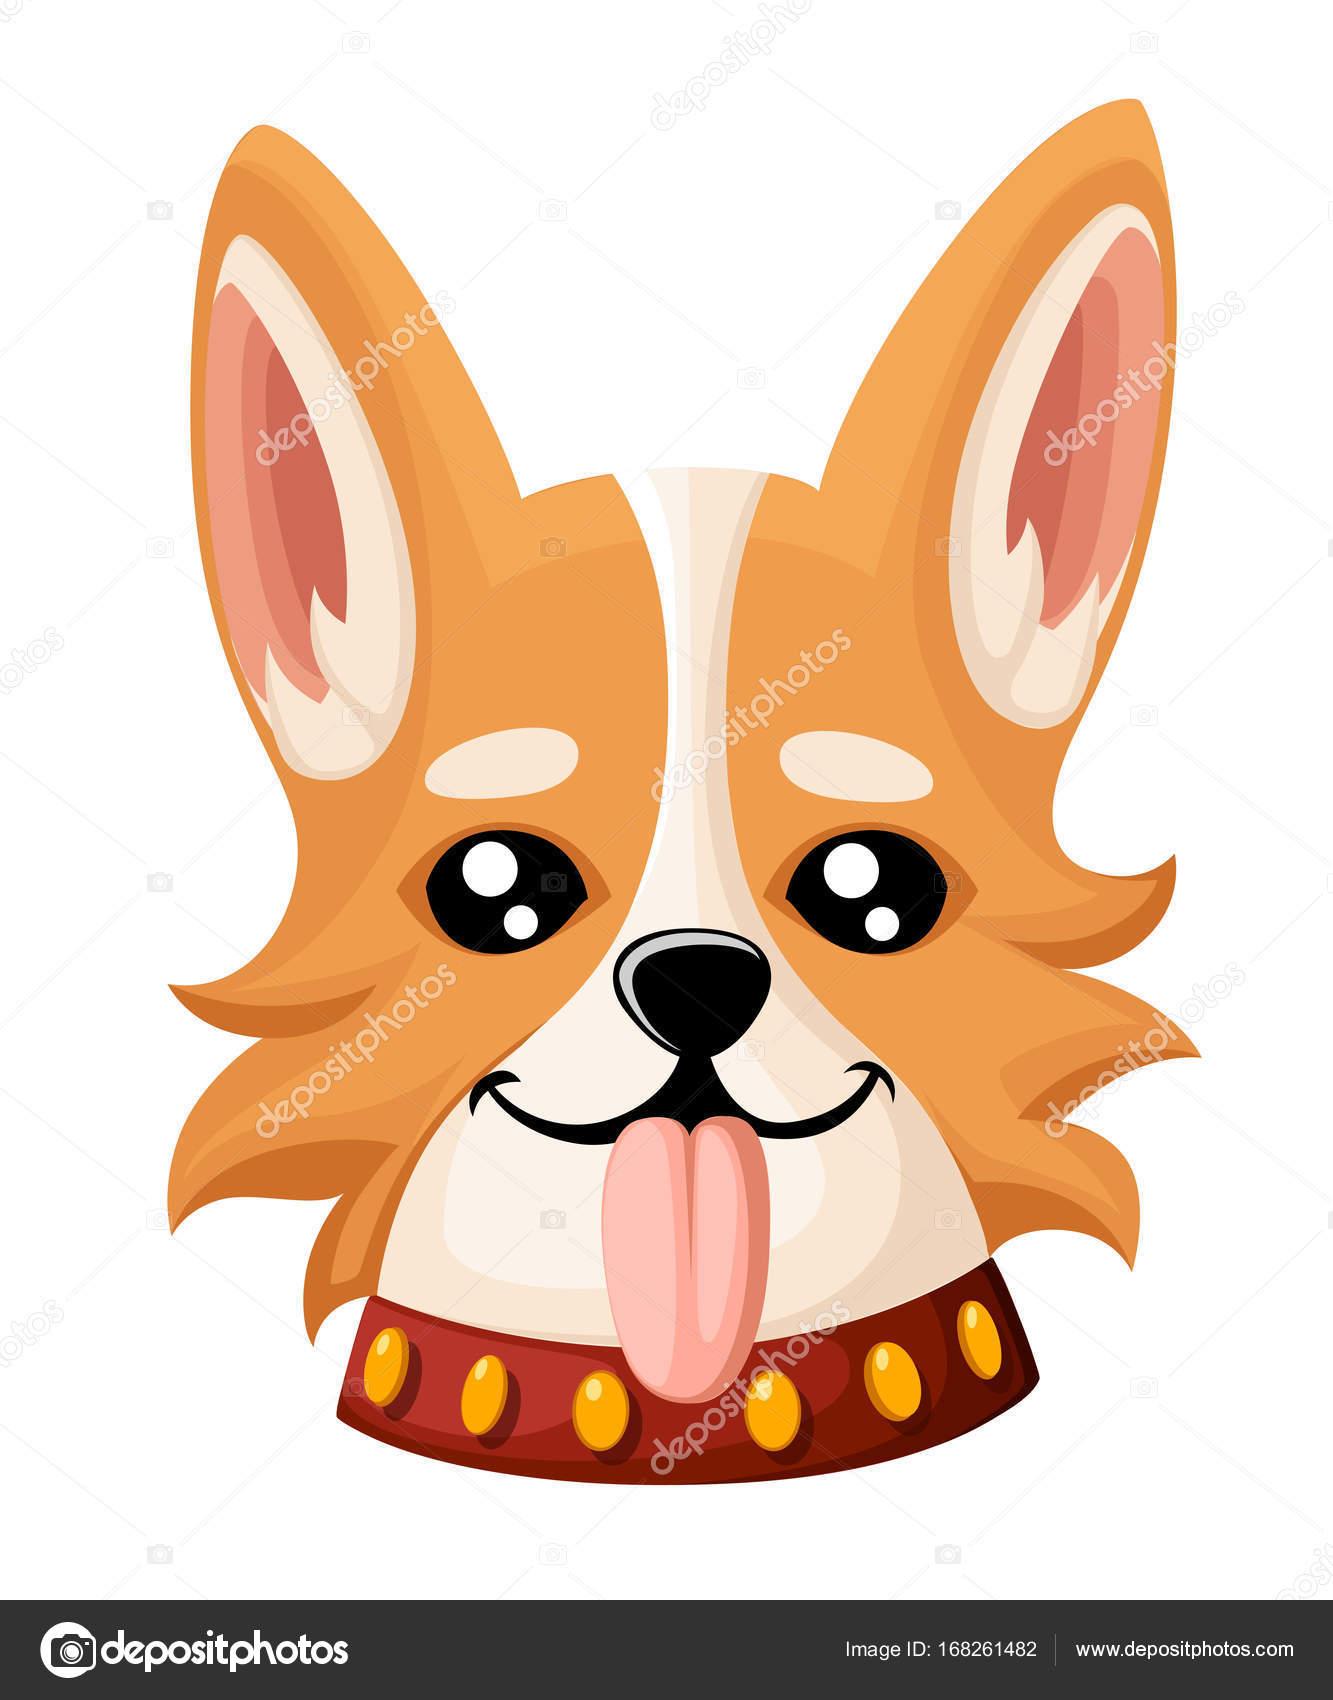 かわいい犬コーギーのベクター イラストです グリーティング カードの